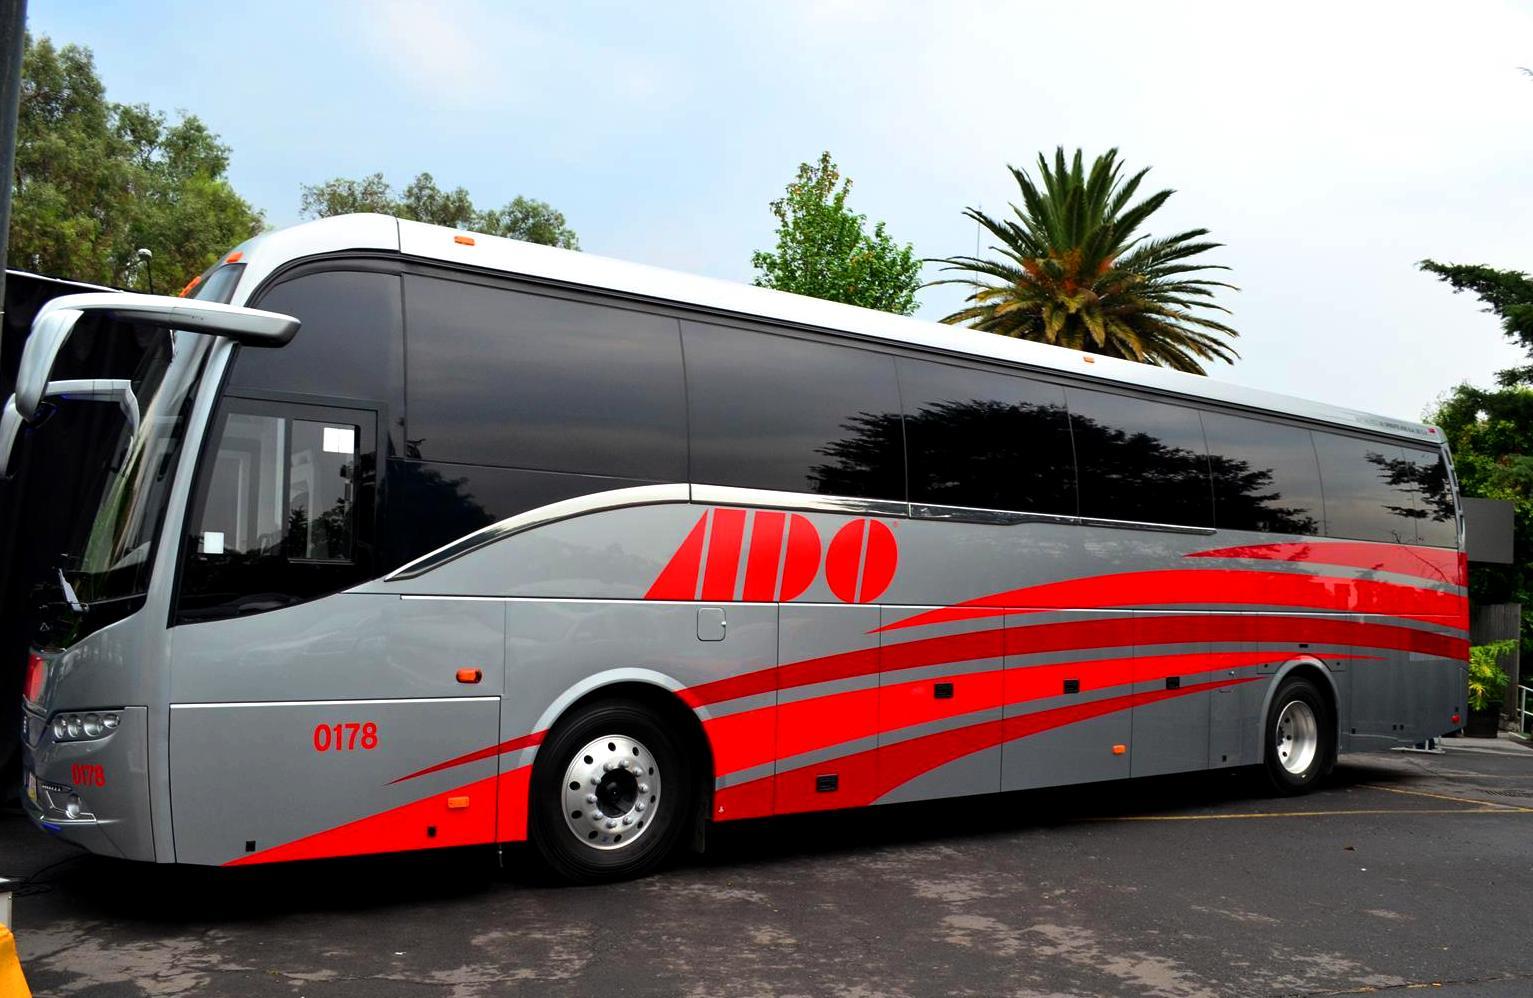 Ado Recibe 70 Camiones En Puebla  T21